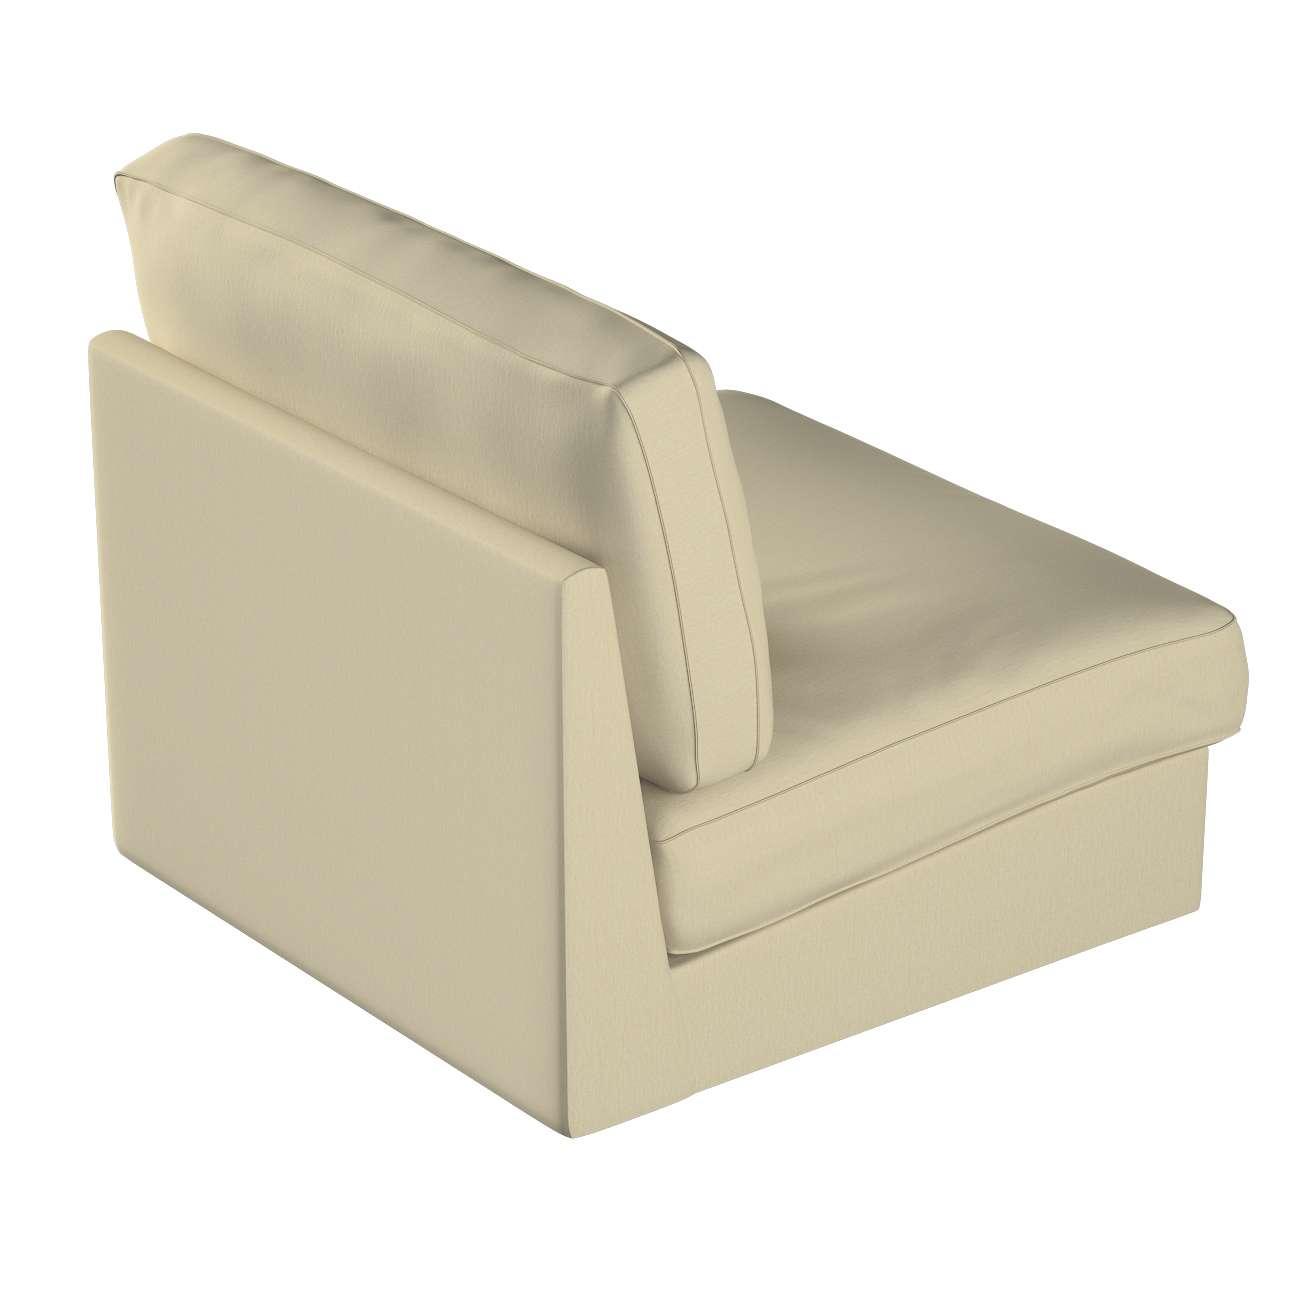 KIVIK fotelio/vienvietės dalies užvalkalas kolekcijoje Chenille, audinys: 702-22